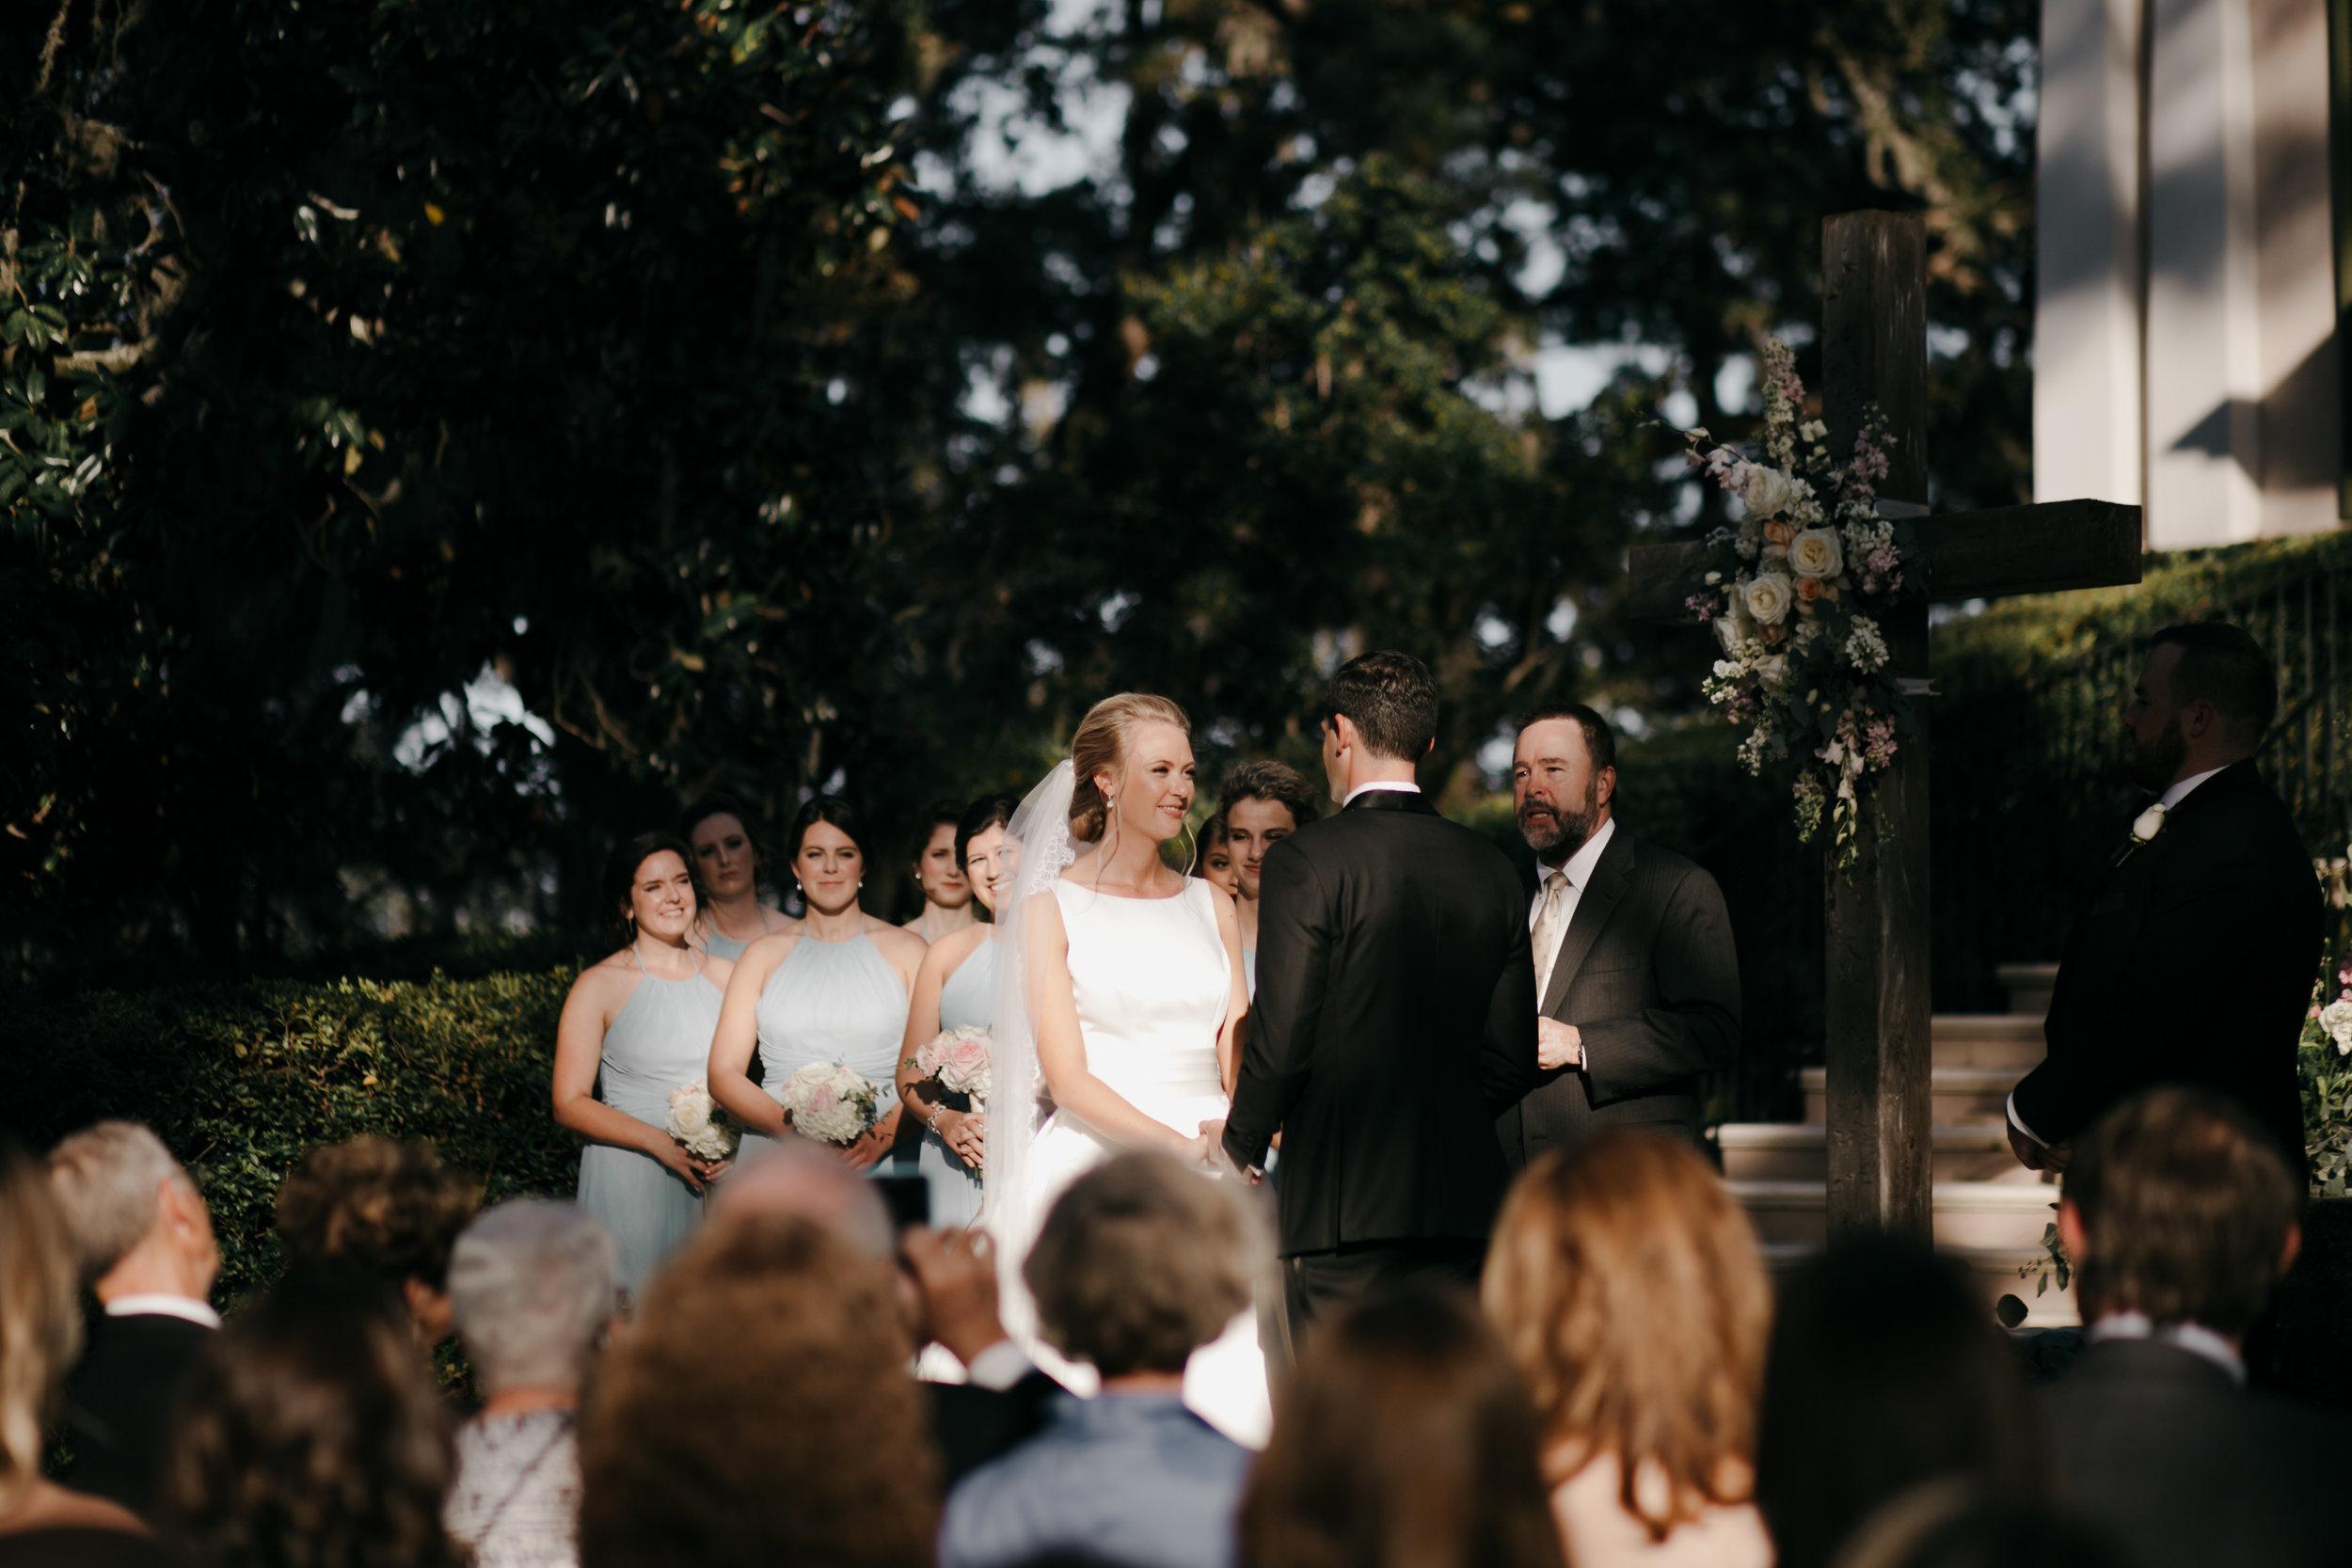 Photography Anthology - Charleston Wedding Photographer (16 of 38).jpg